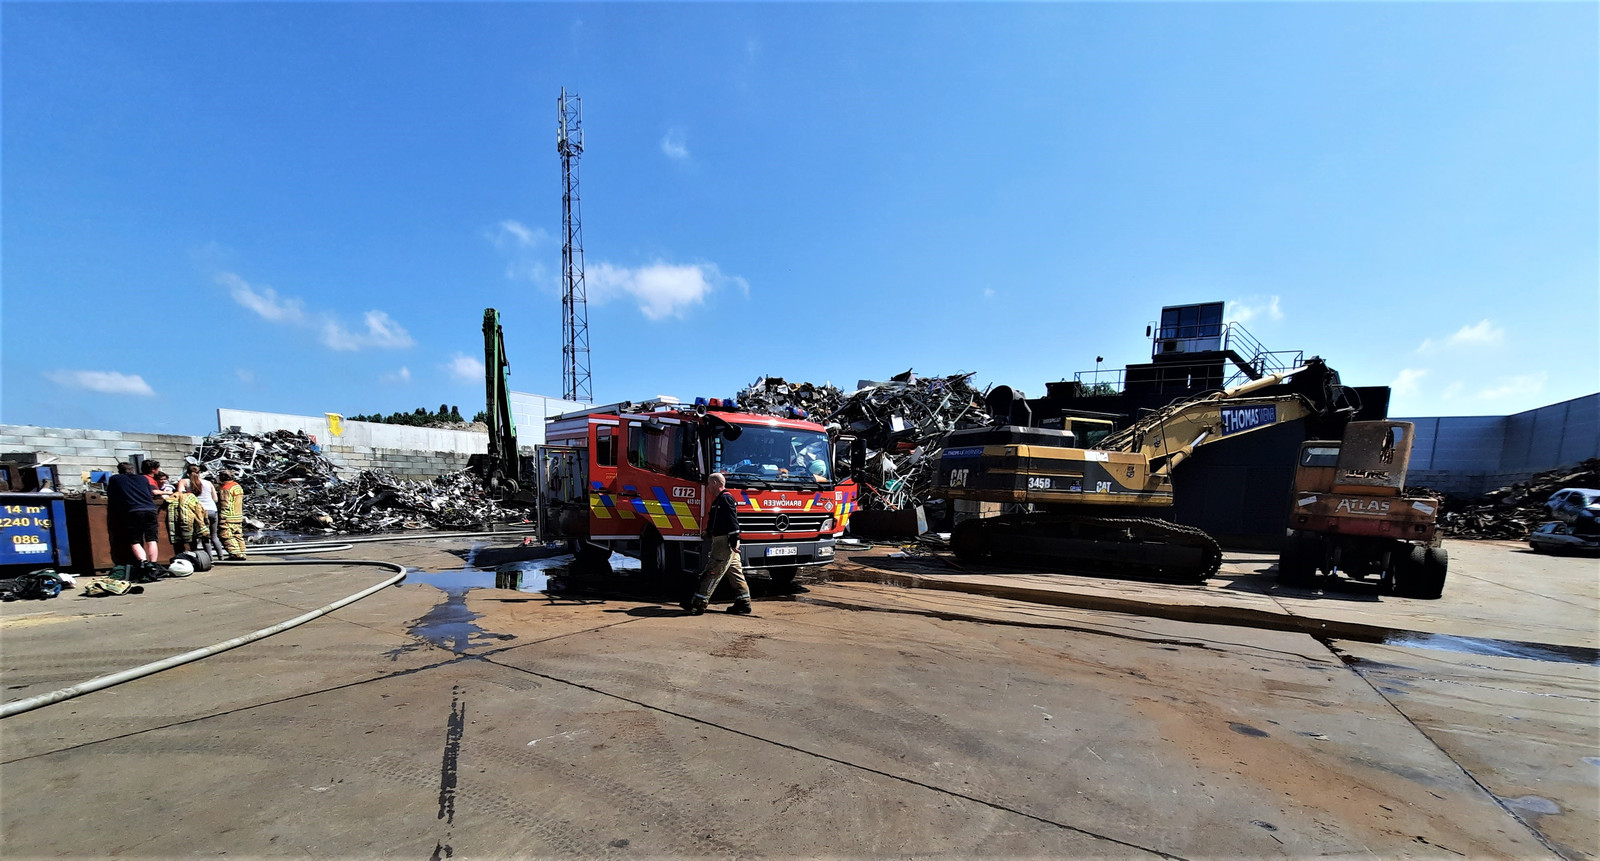 De brand bij recyclagebedrijf Gallo in Gavere was snel onder controle, mede dankzij de grote kraan op het terrein.